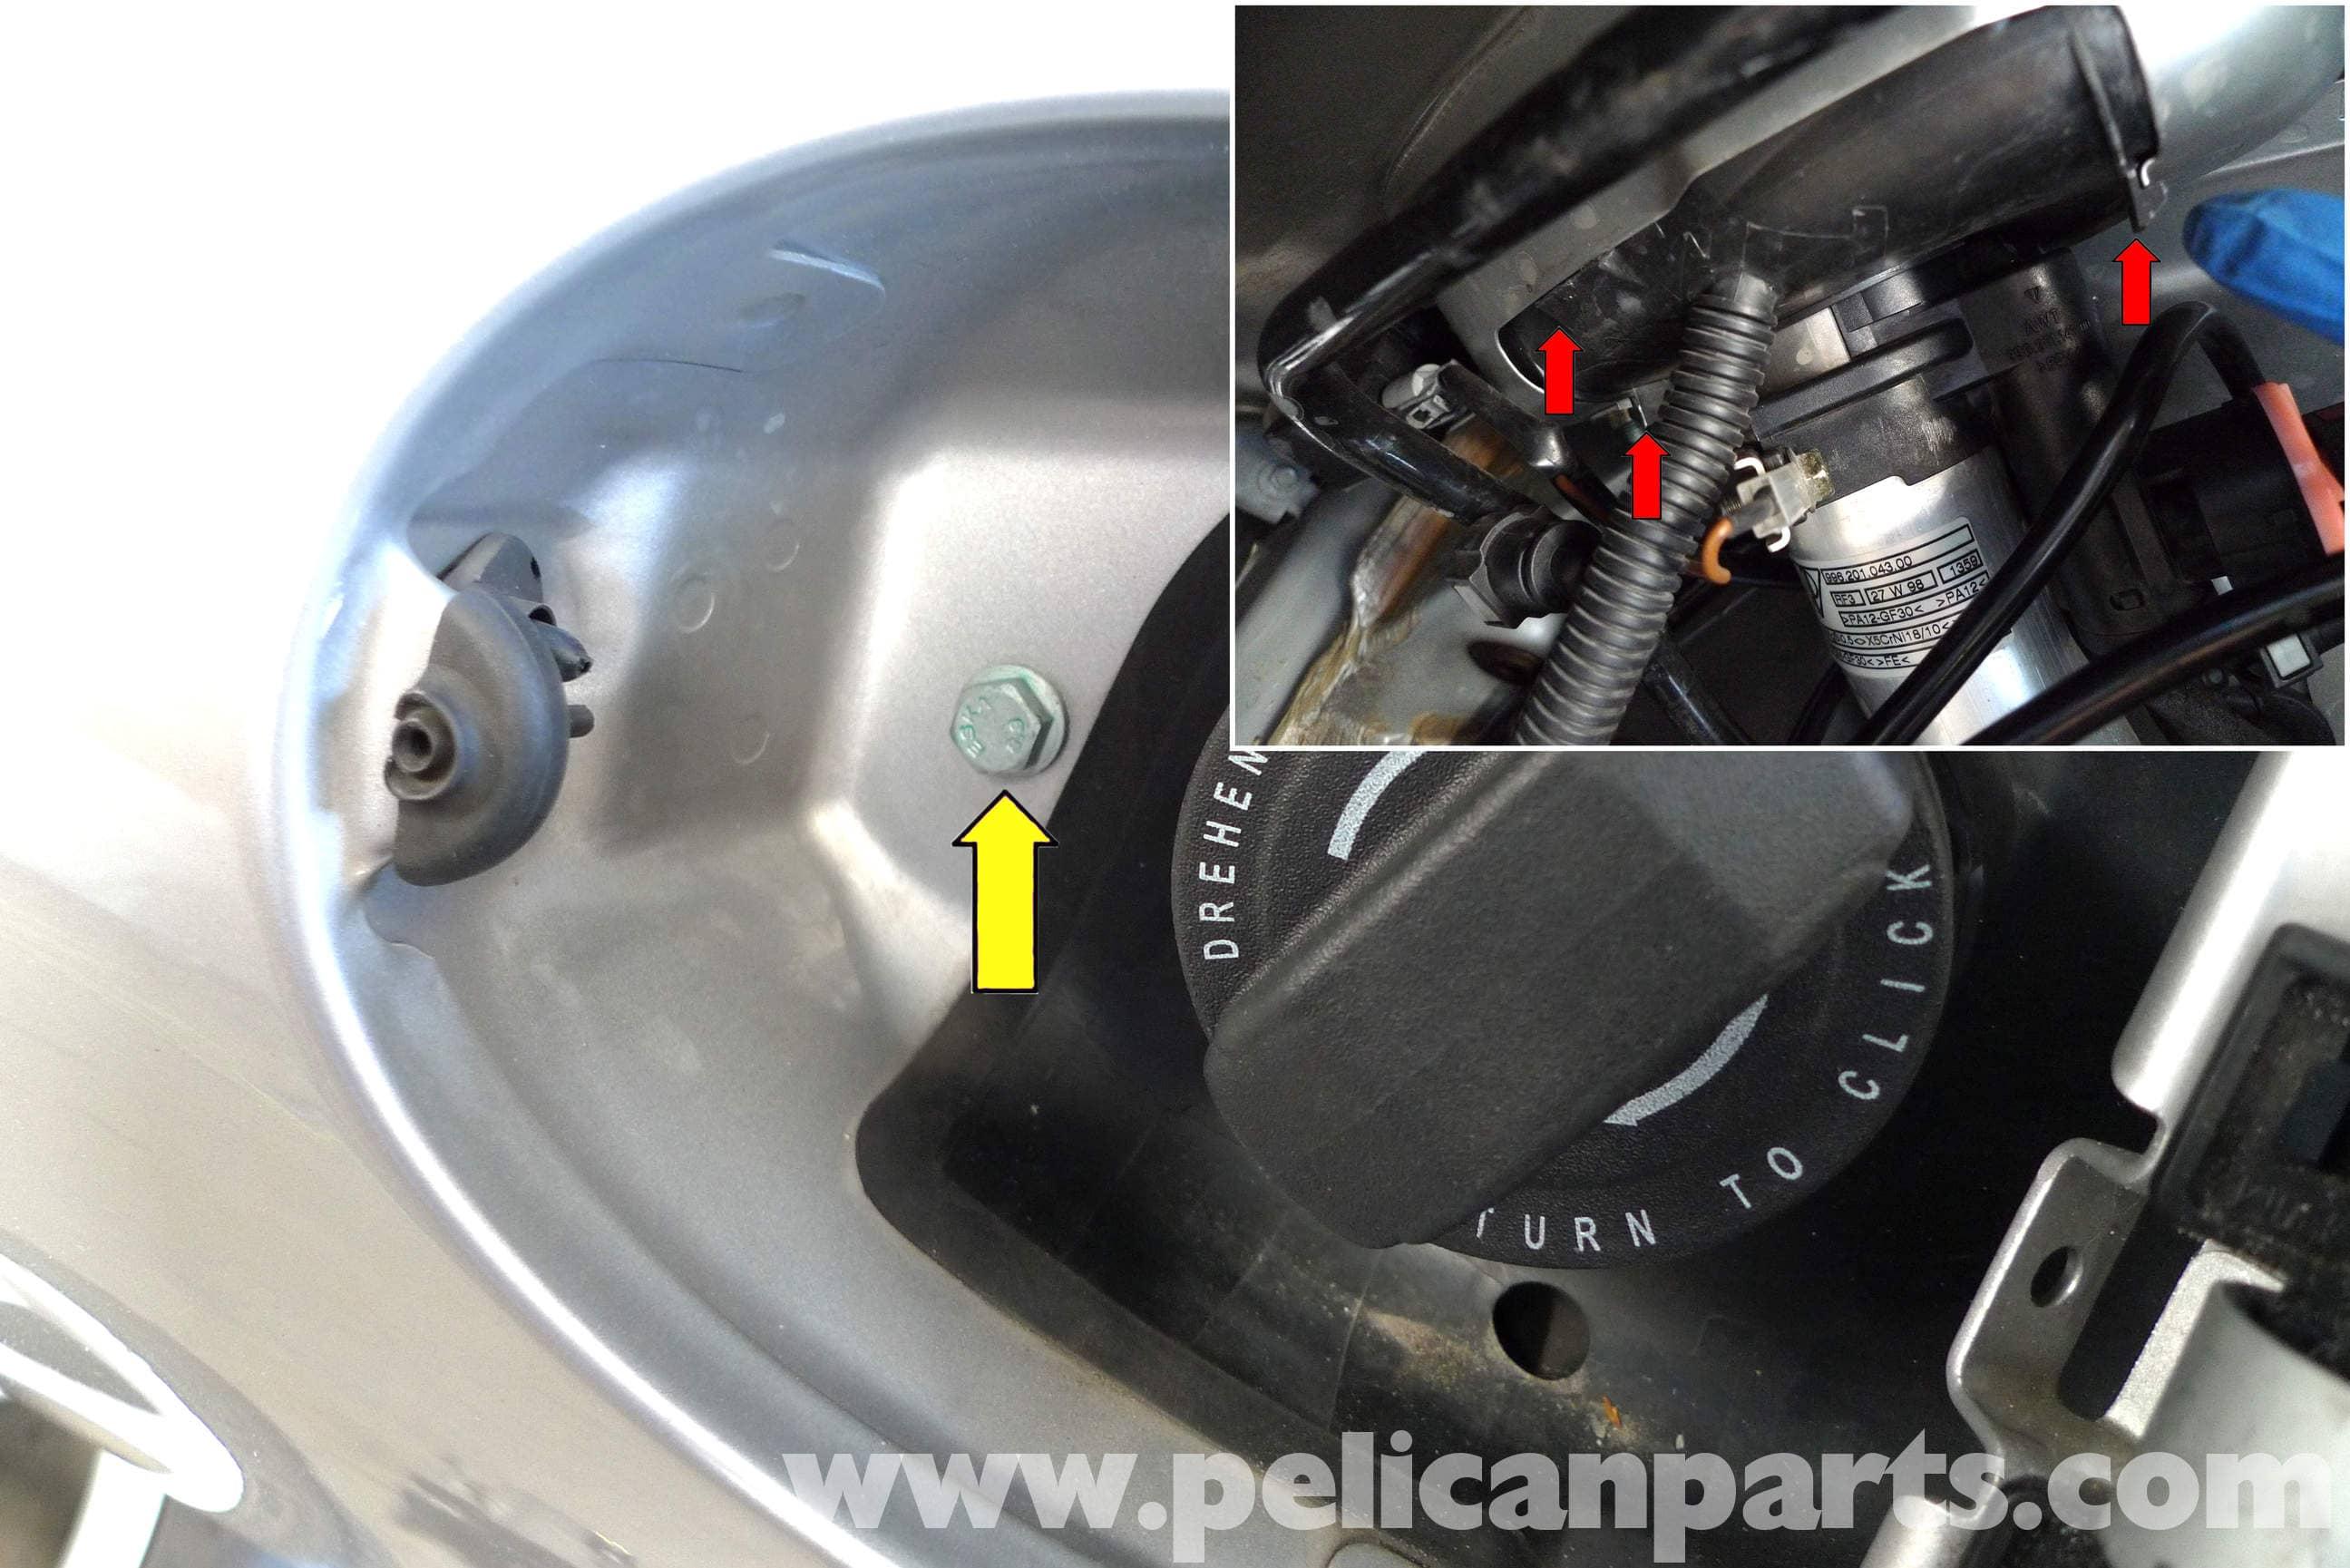 Replacing Your 996 Fuel Line Vent Valve / Bleeder Valve